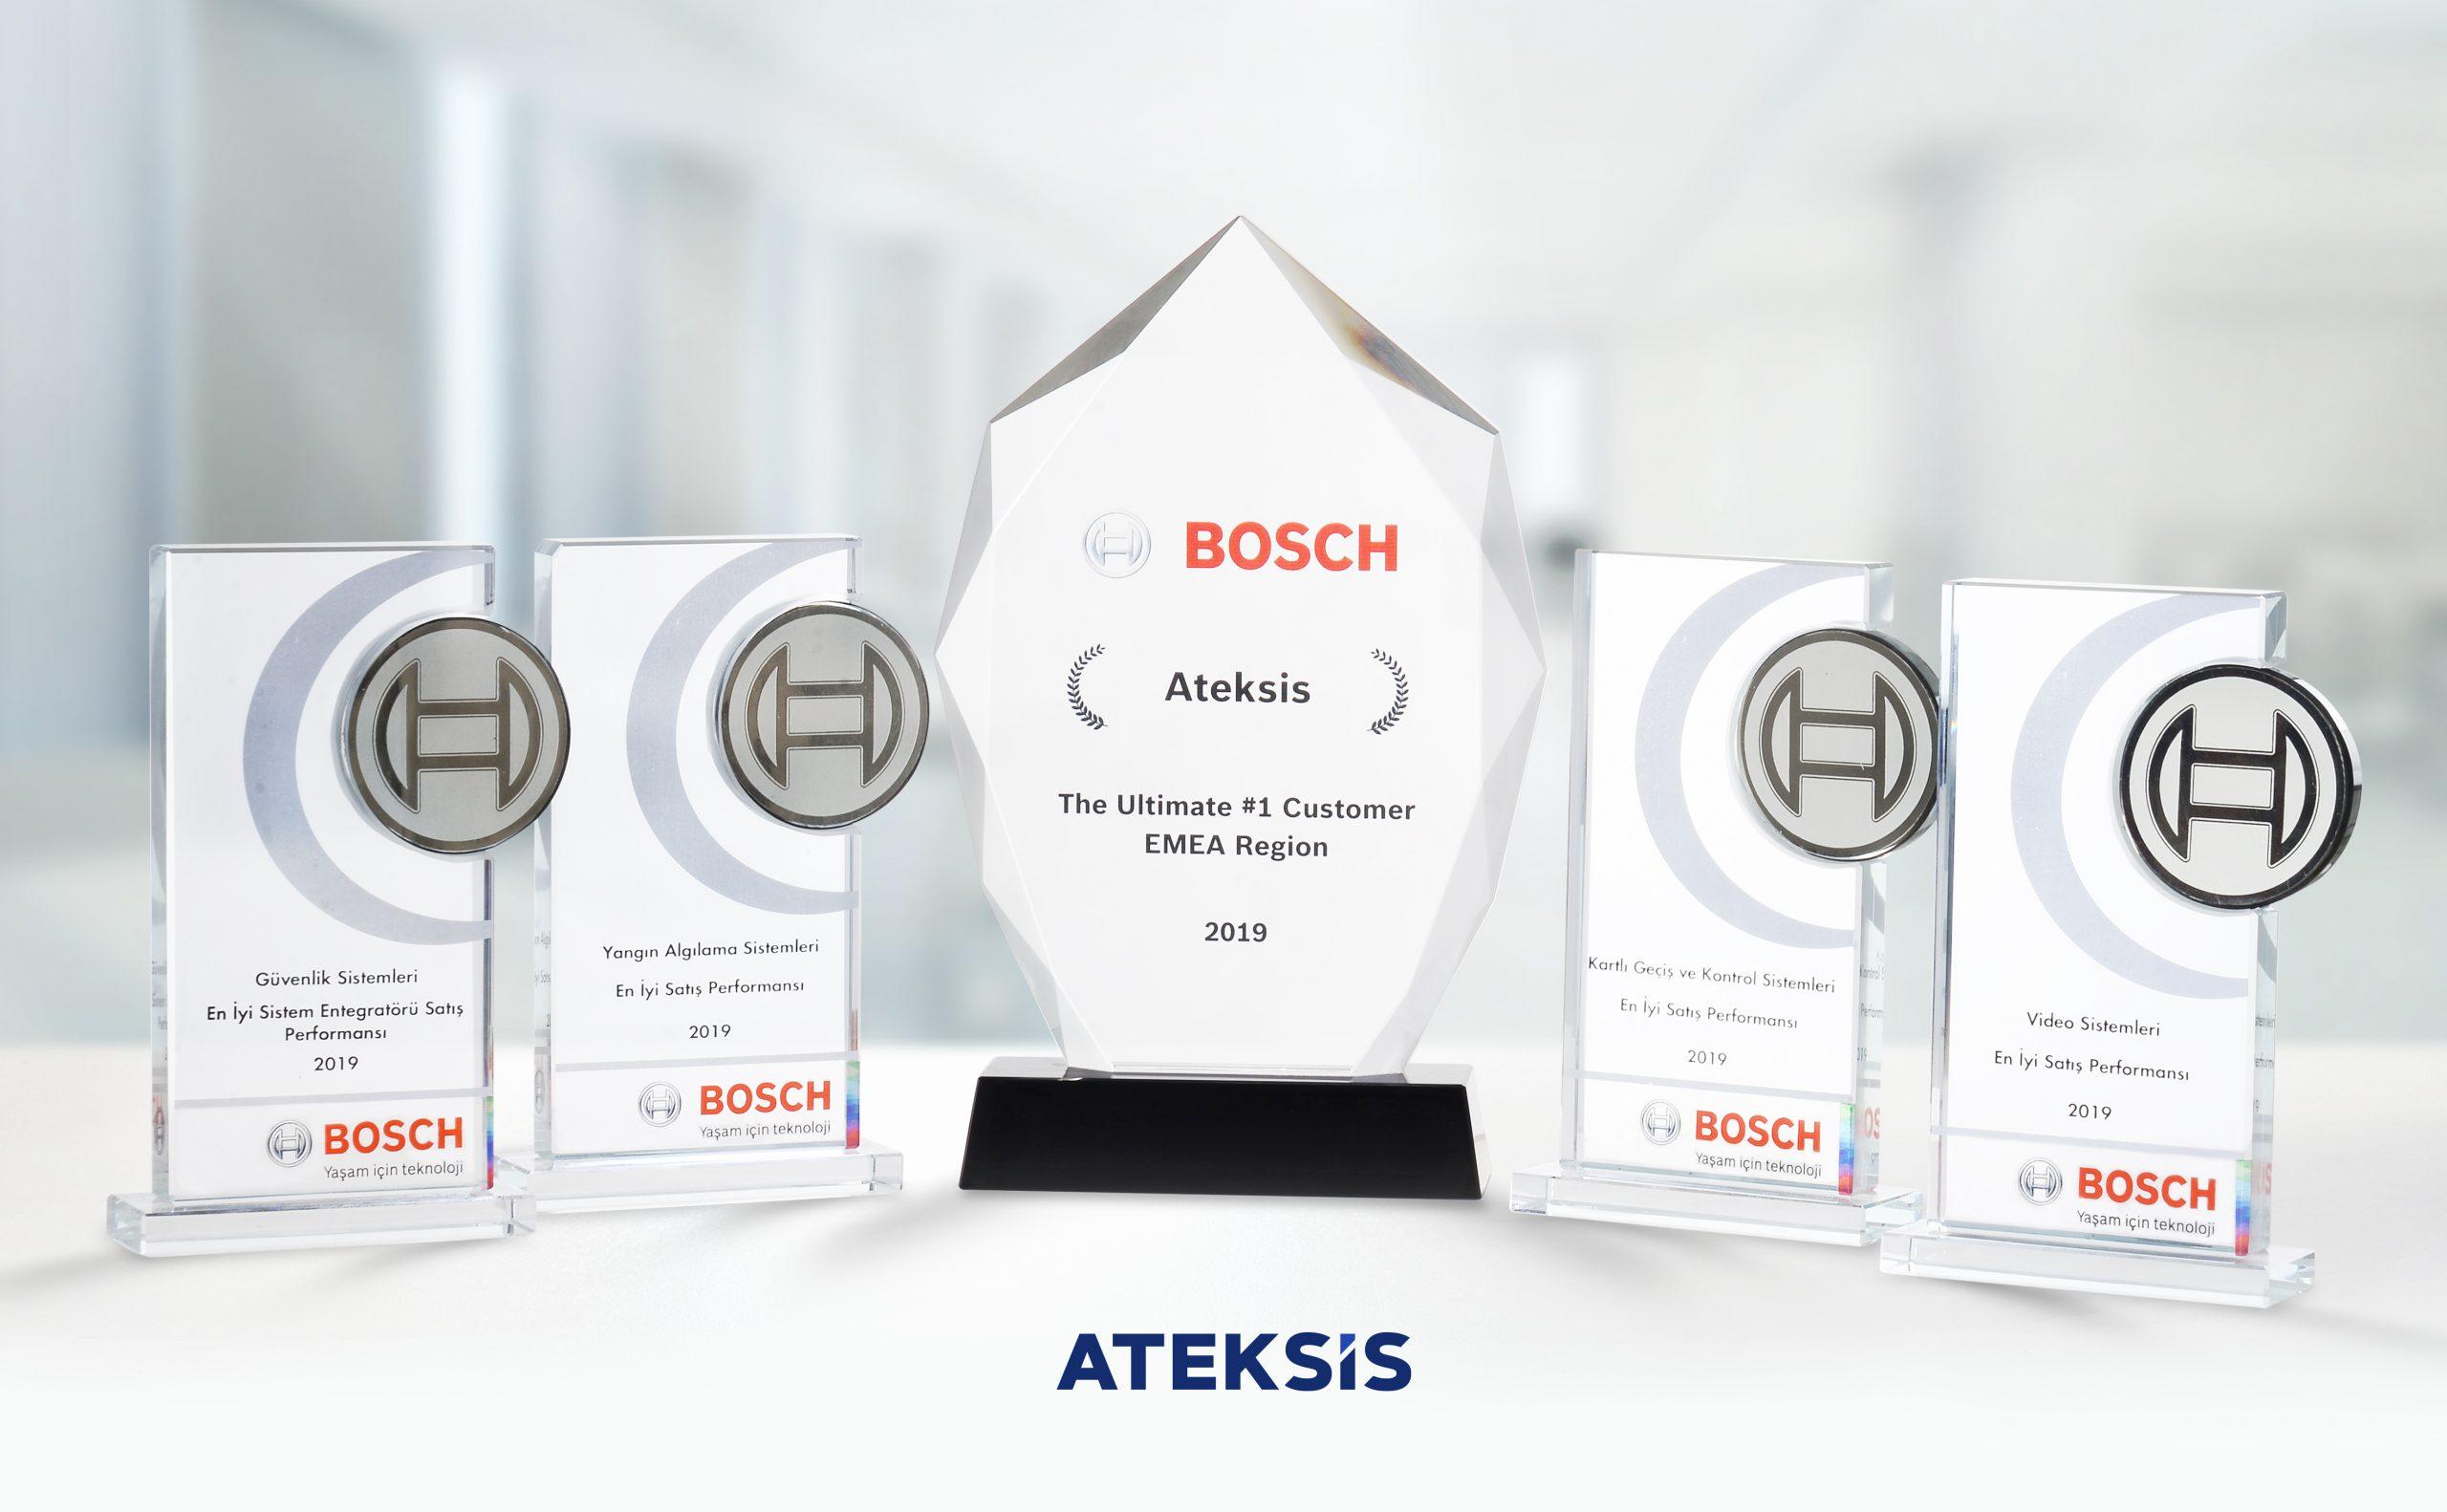 Bosch Bina Teknolojileri'nden Ateksis'e 4 ödül daha